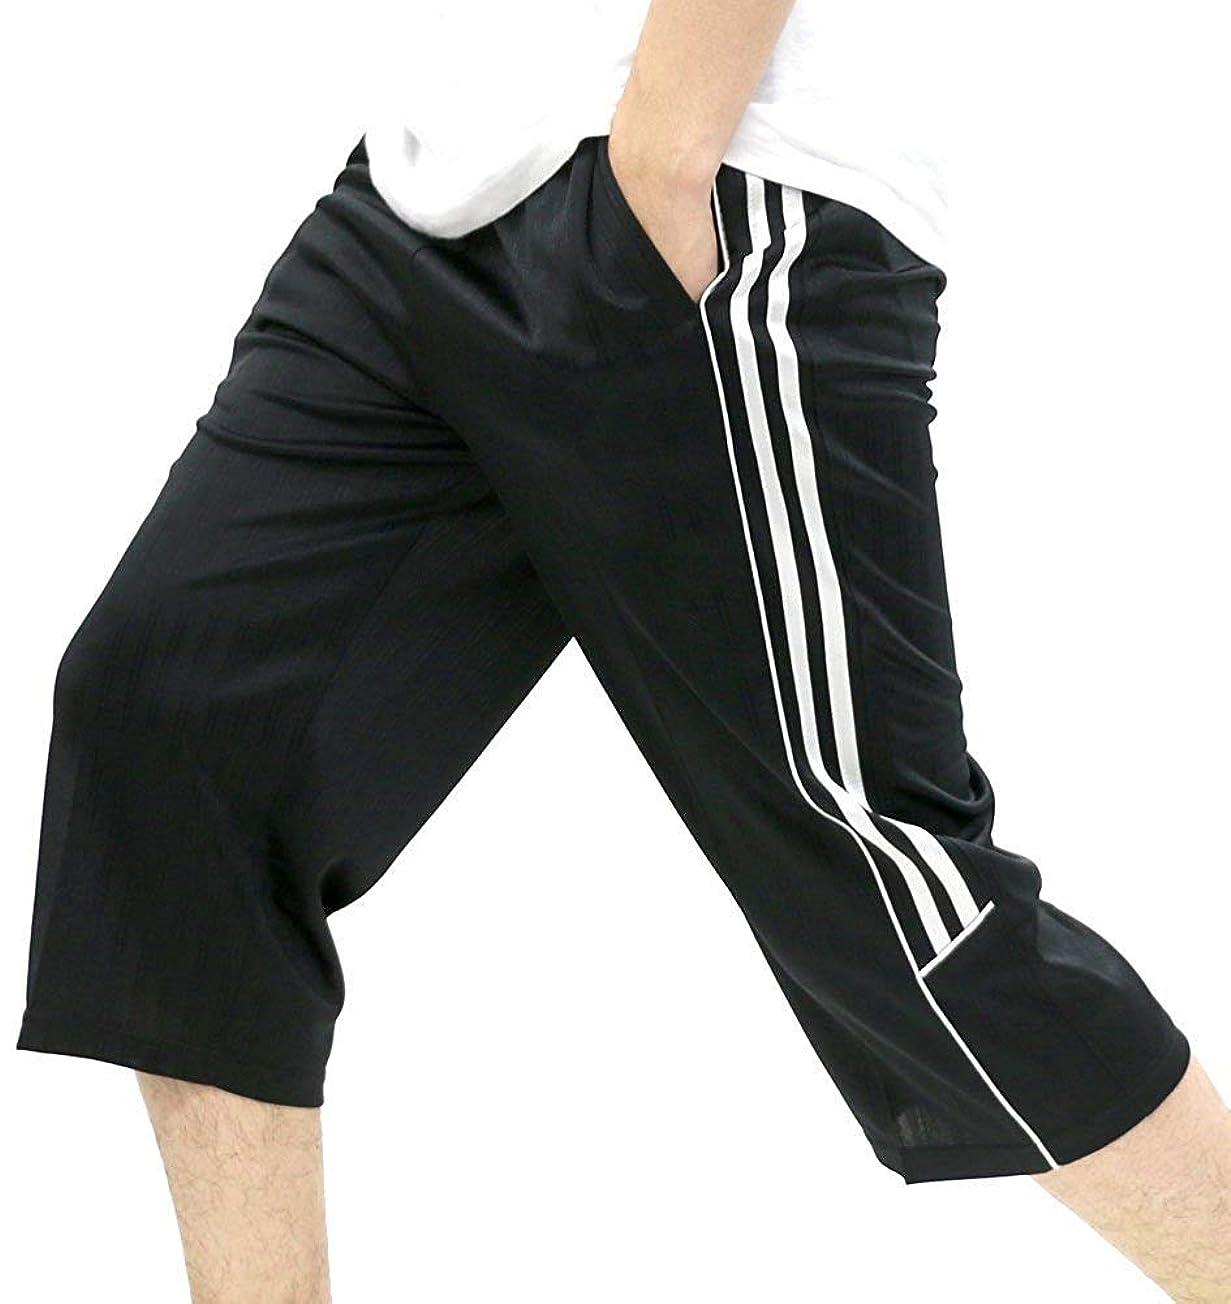 酸化物日記スリル[シーシーエル] ジャージ ショートパンツ 7分丈 ハーフパンツ メンズ